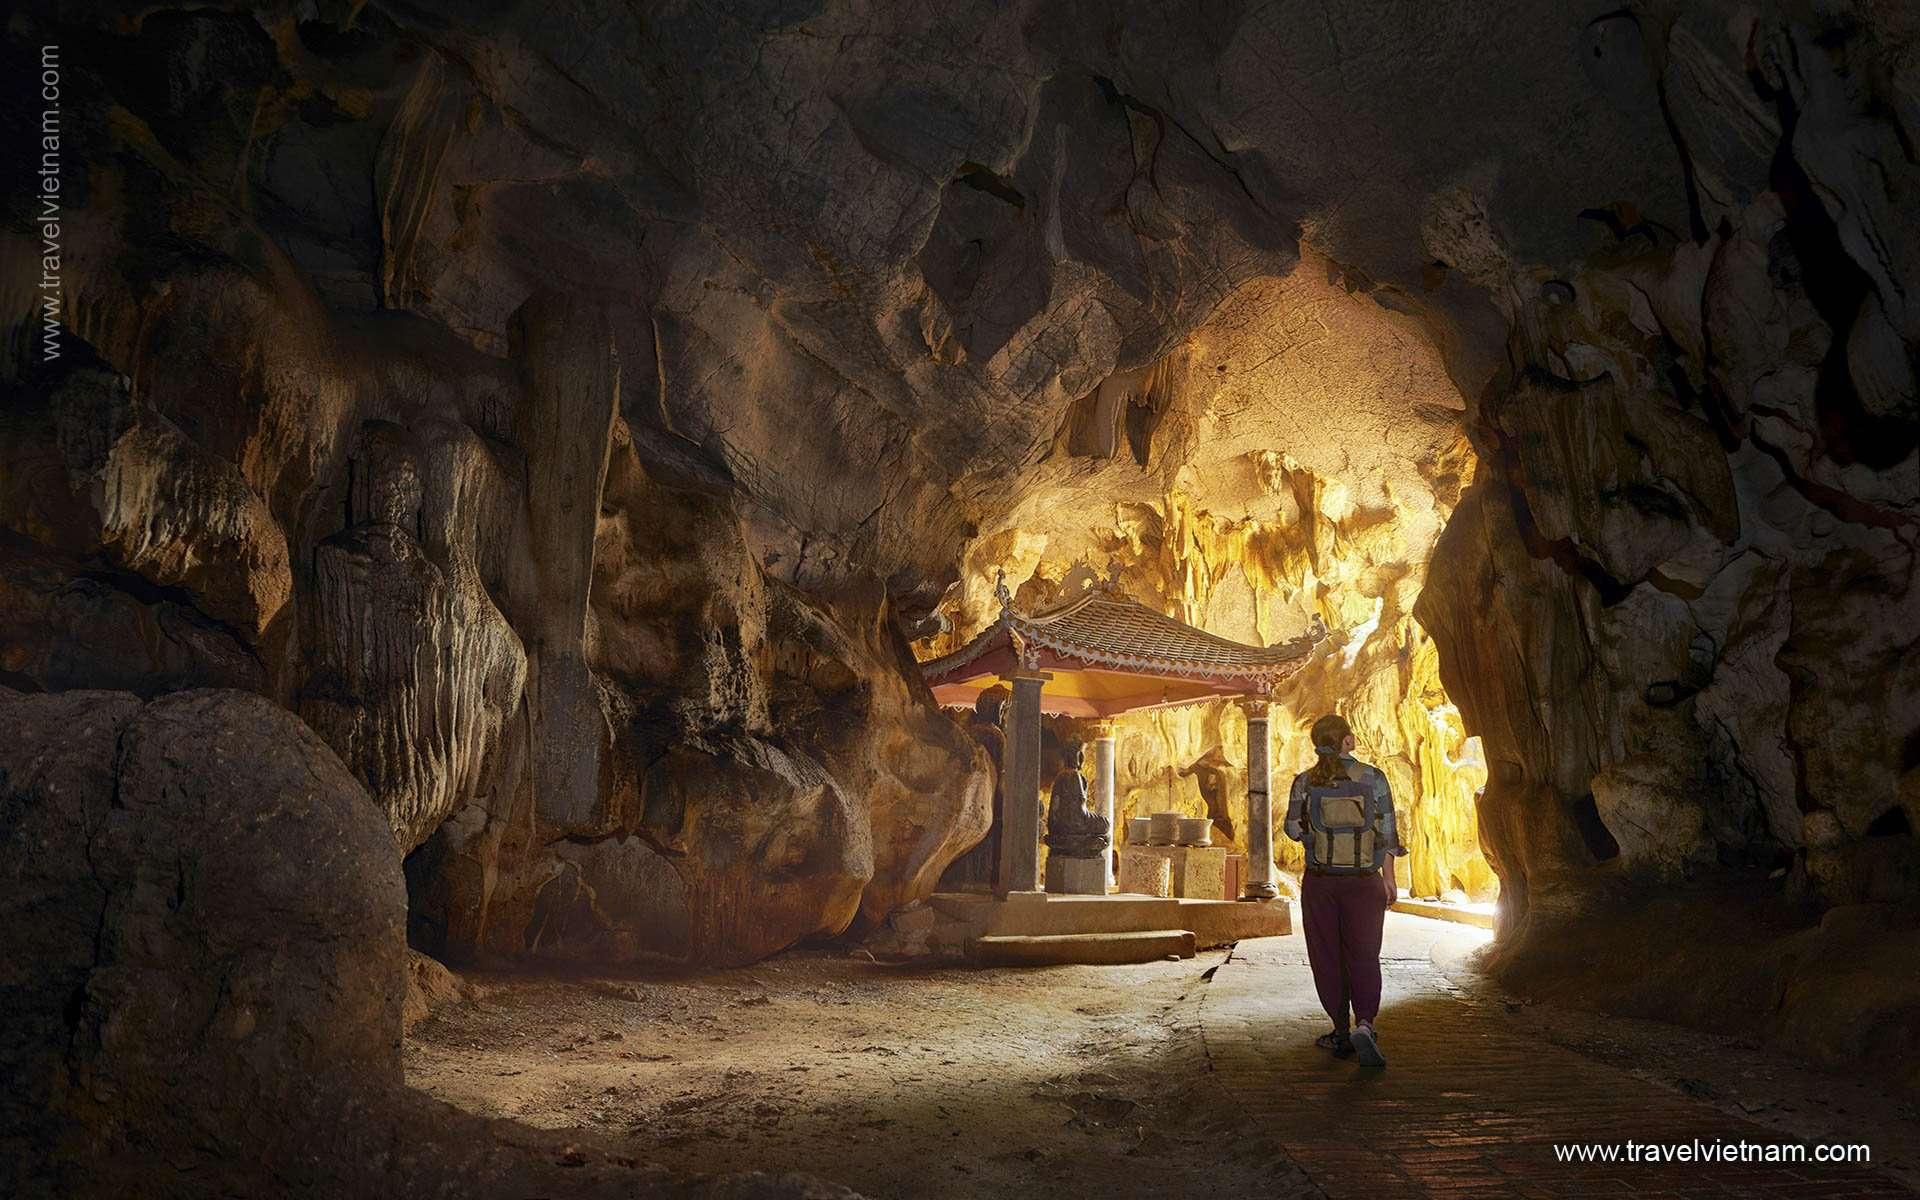 Sapa, Ninh Binh, Halong tour - 8 Giorni 7 Notti